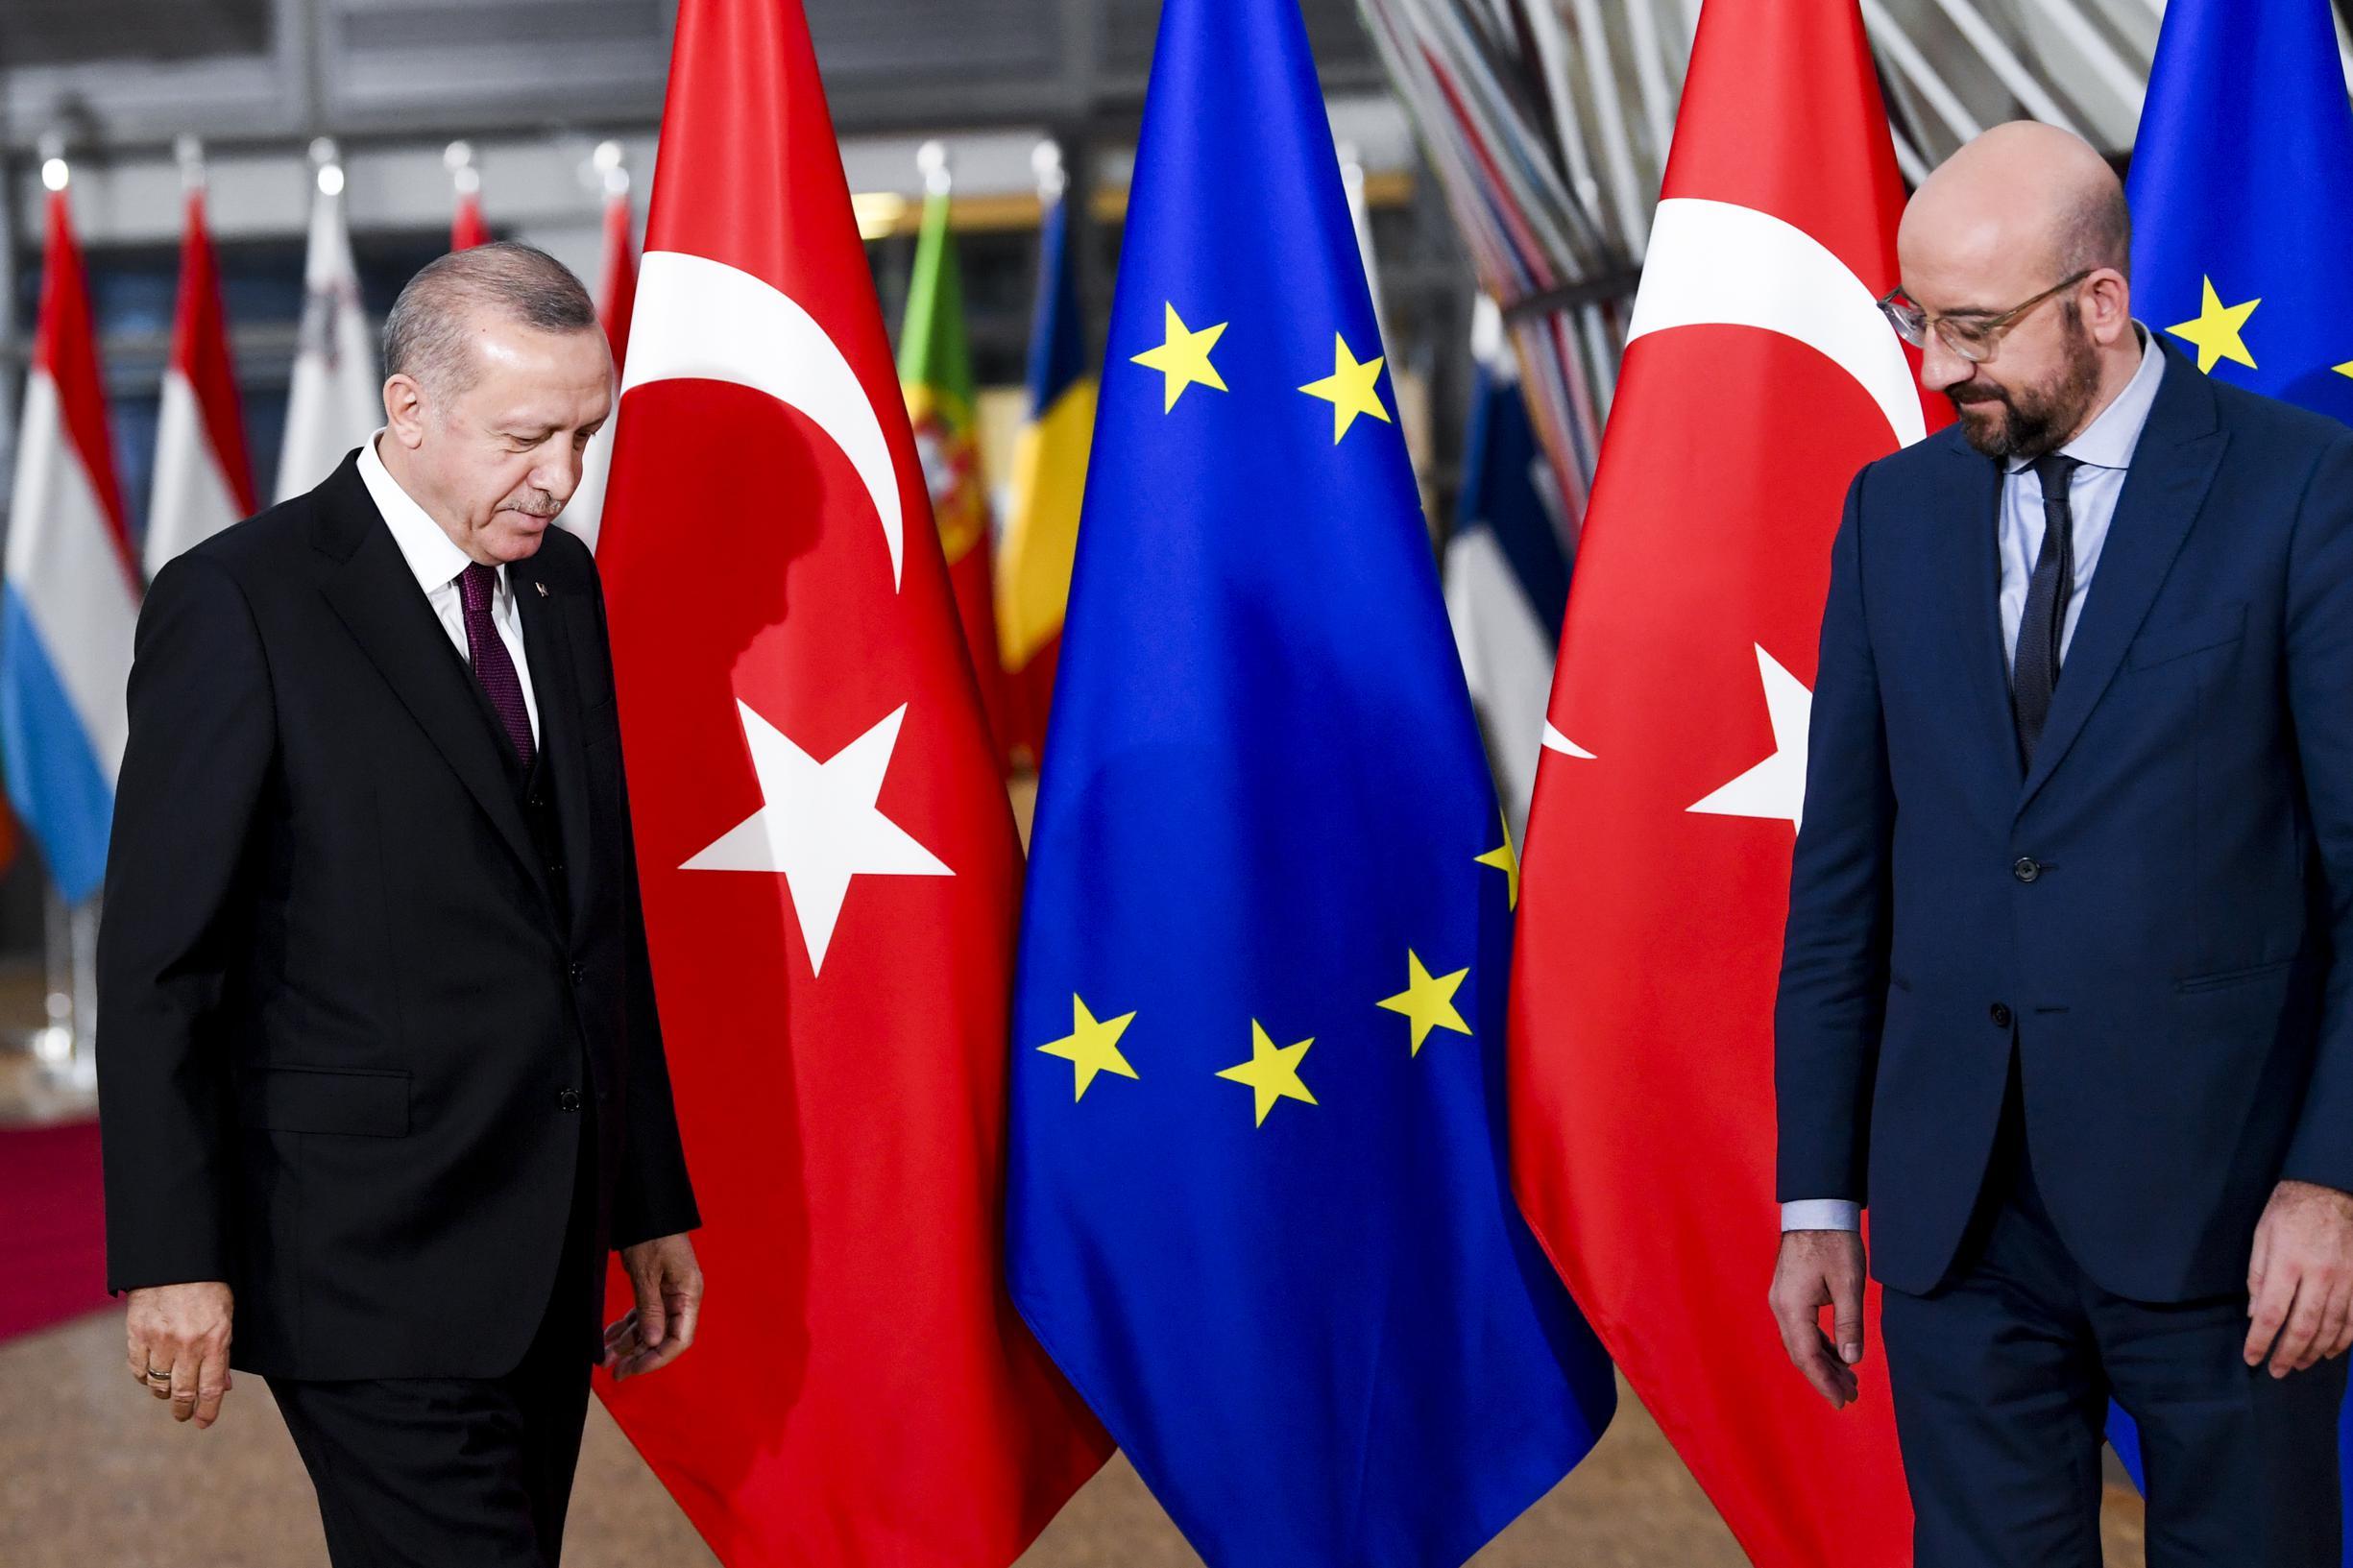 Ontmoeting Michel-Erdogan levert geen doorbraak op - De Standaard Mobile